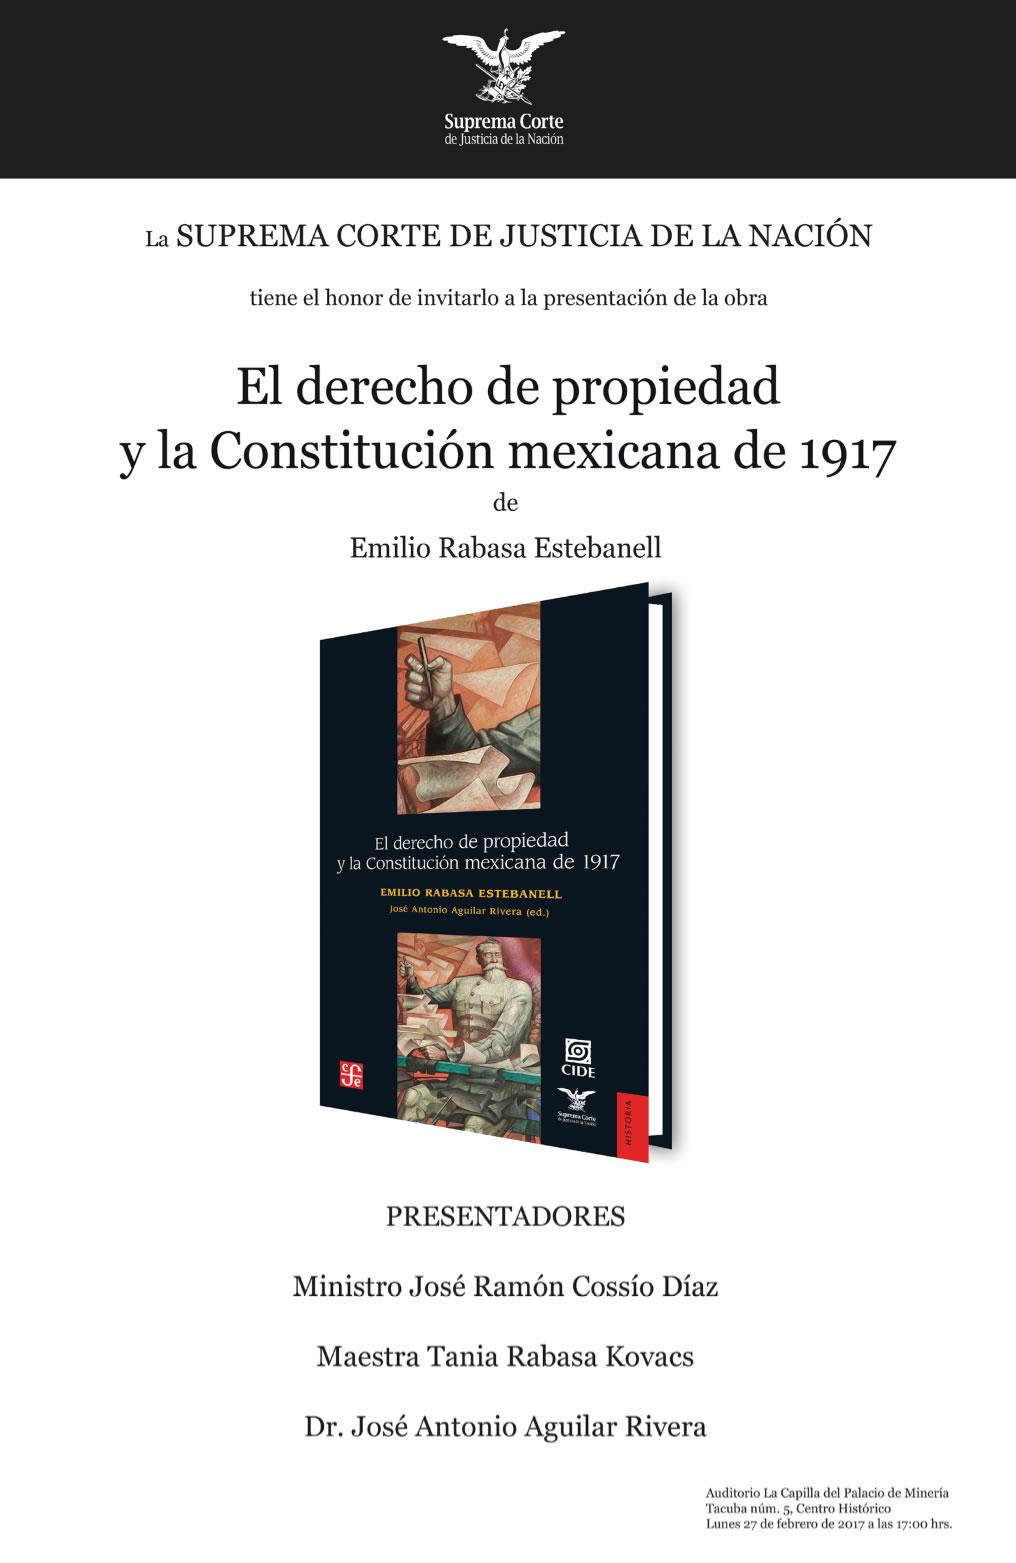 El derecho de propiedad y la Constitución mexicana de 1917